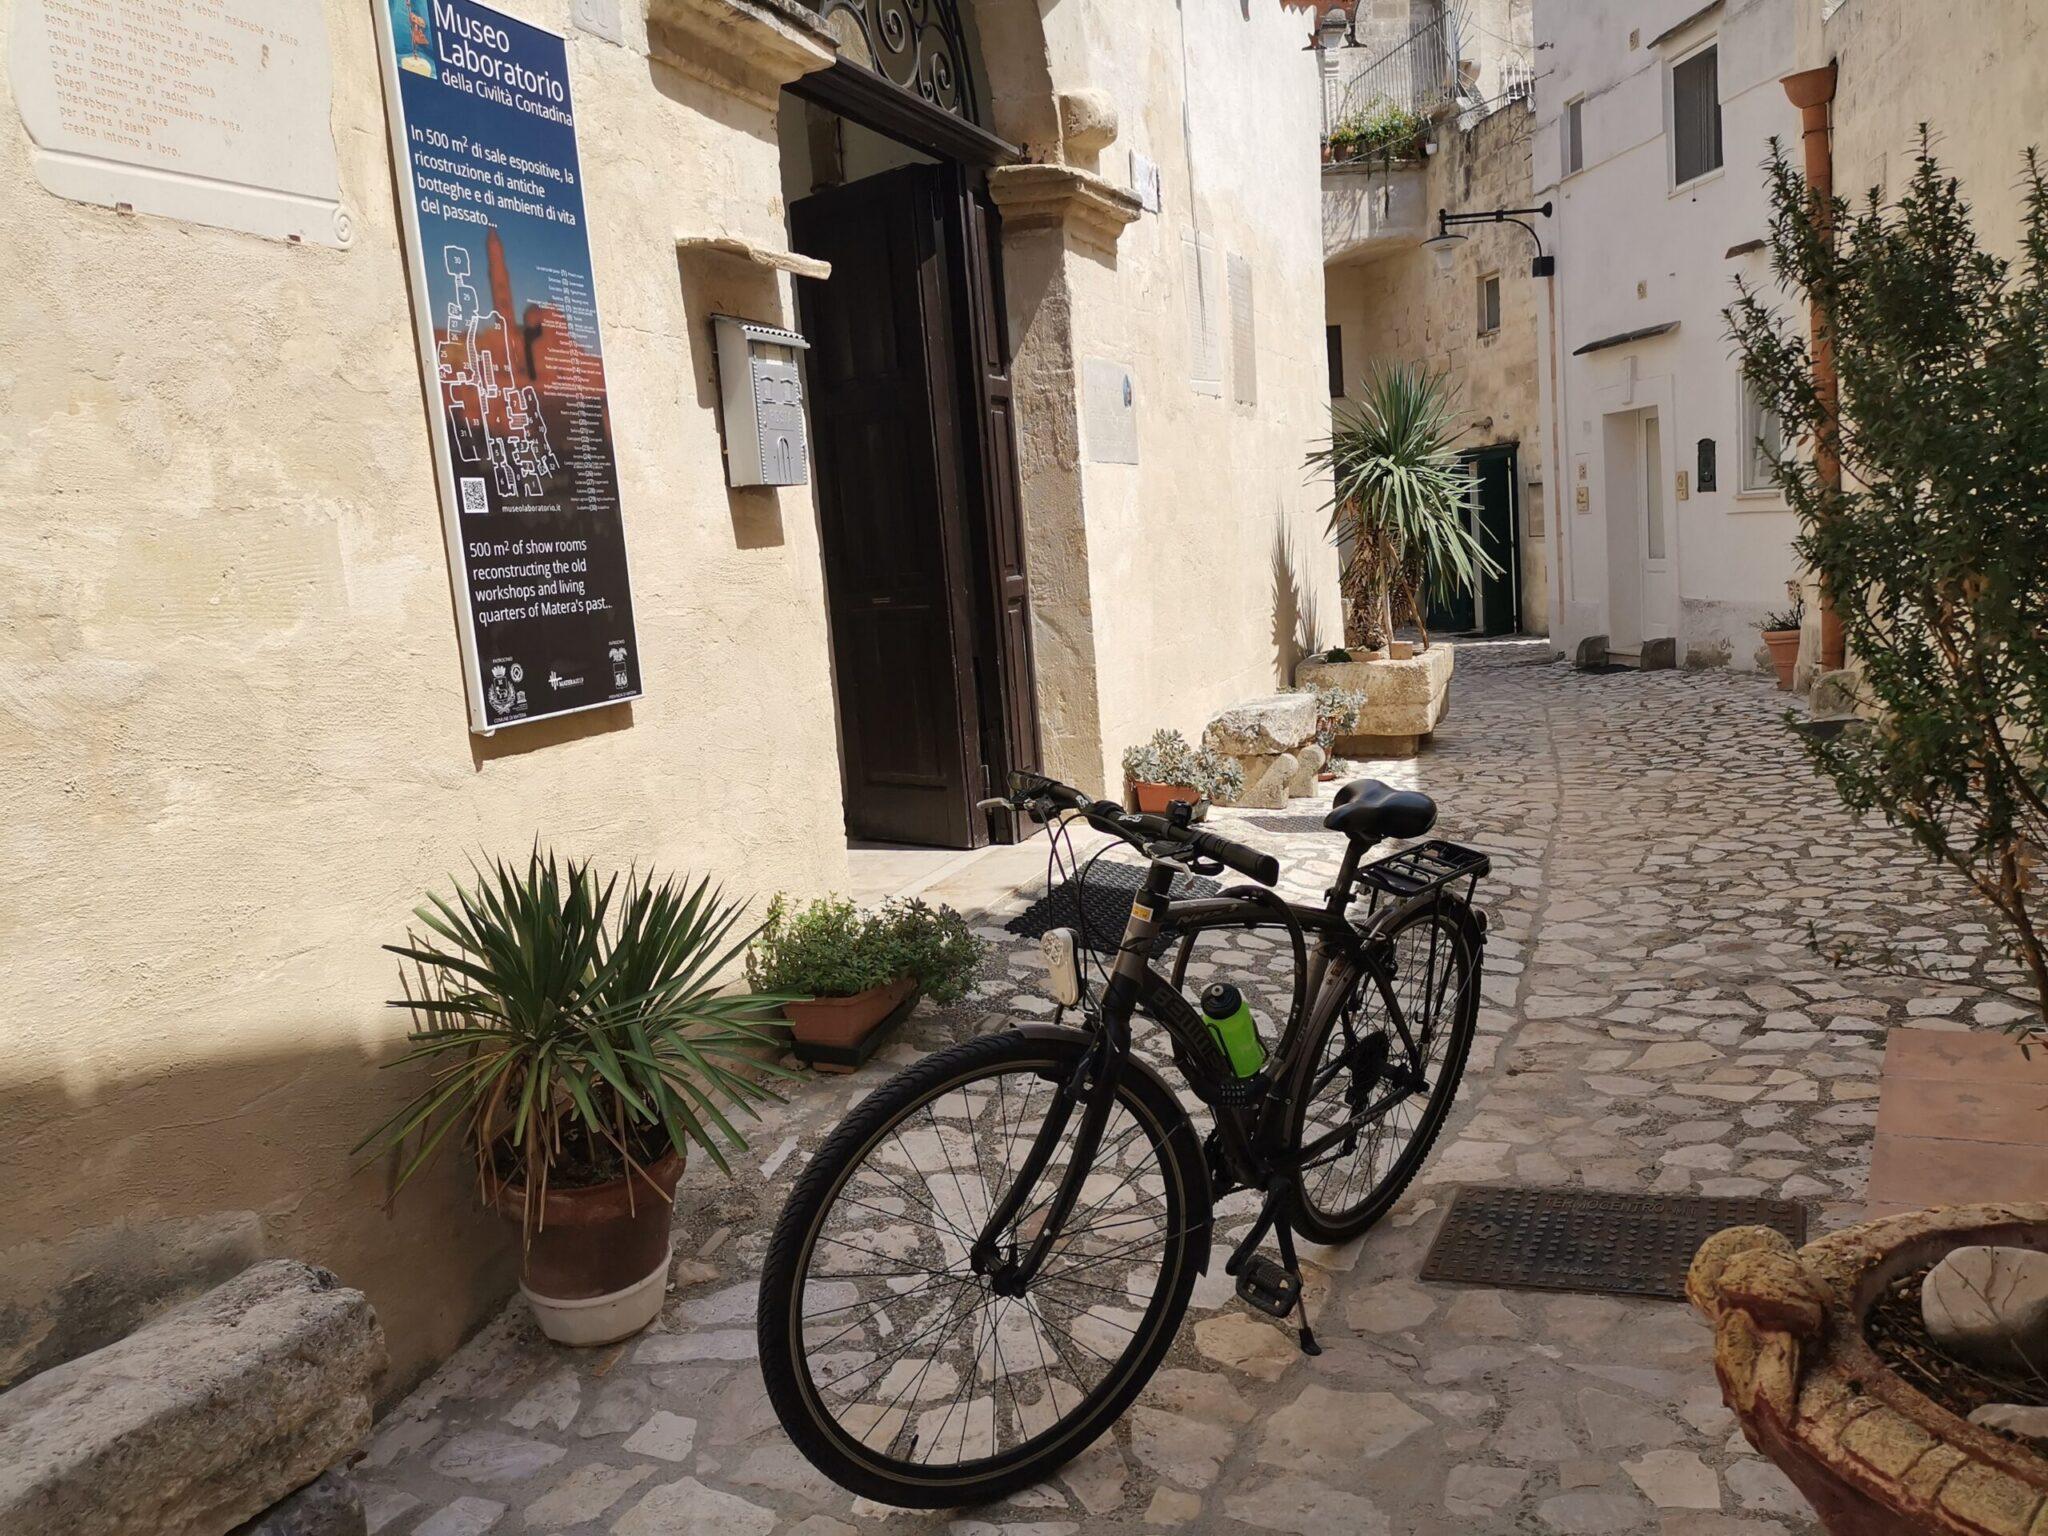 La mia bici davanti all'ingresso del Museo Laboratorio